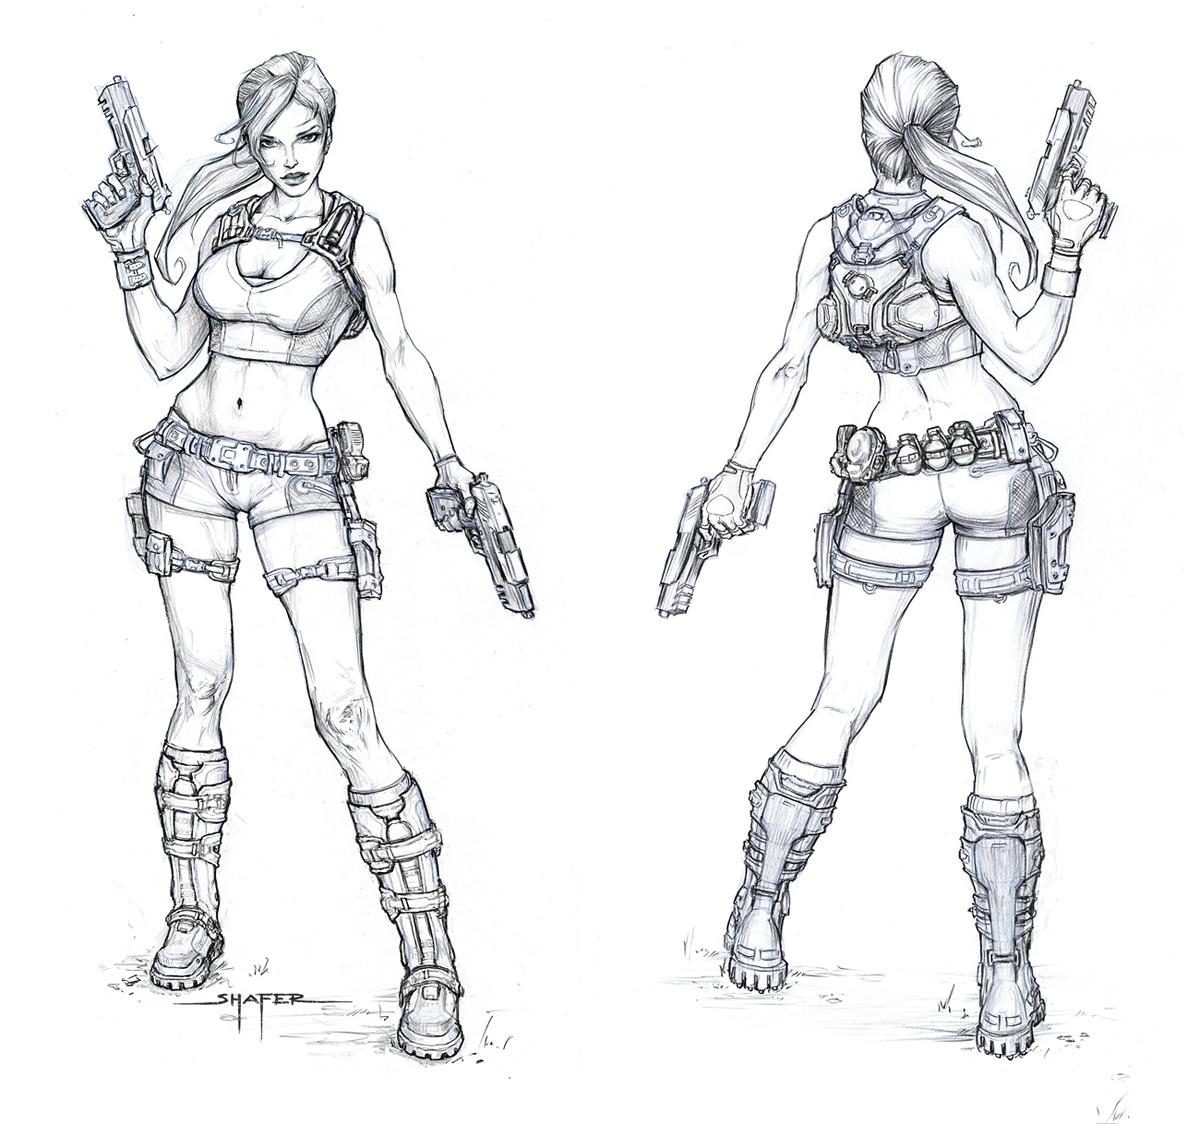 1cebdc082e Lara Croft é a protagonista da série de jogos de videogame Tomb Raider  desenvolvida pela Core Design.Suas principais características são a beleza  ...